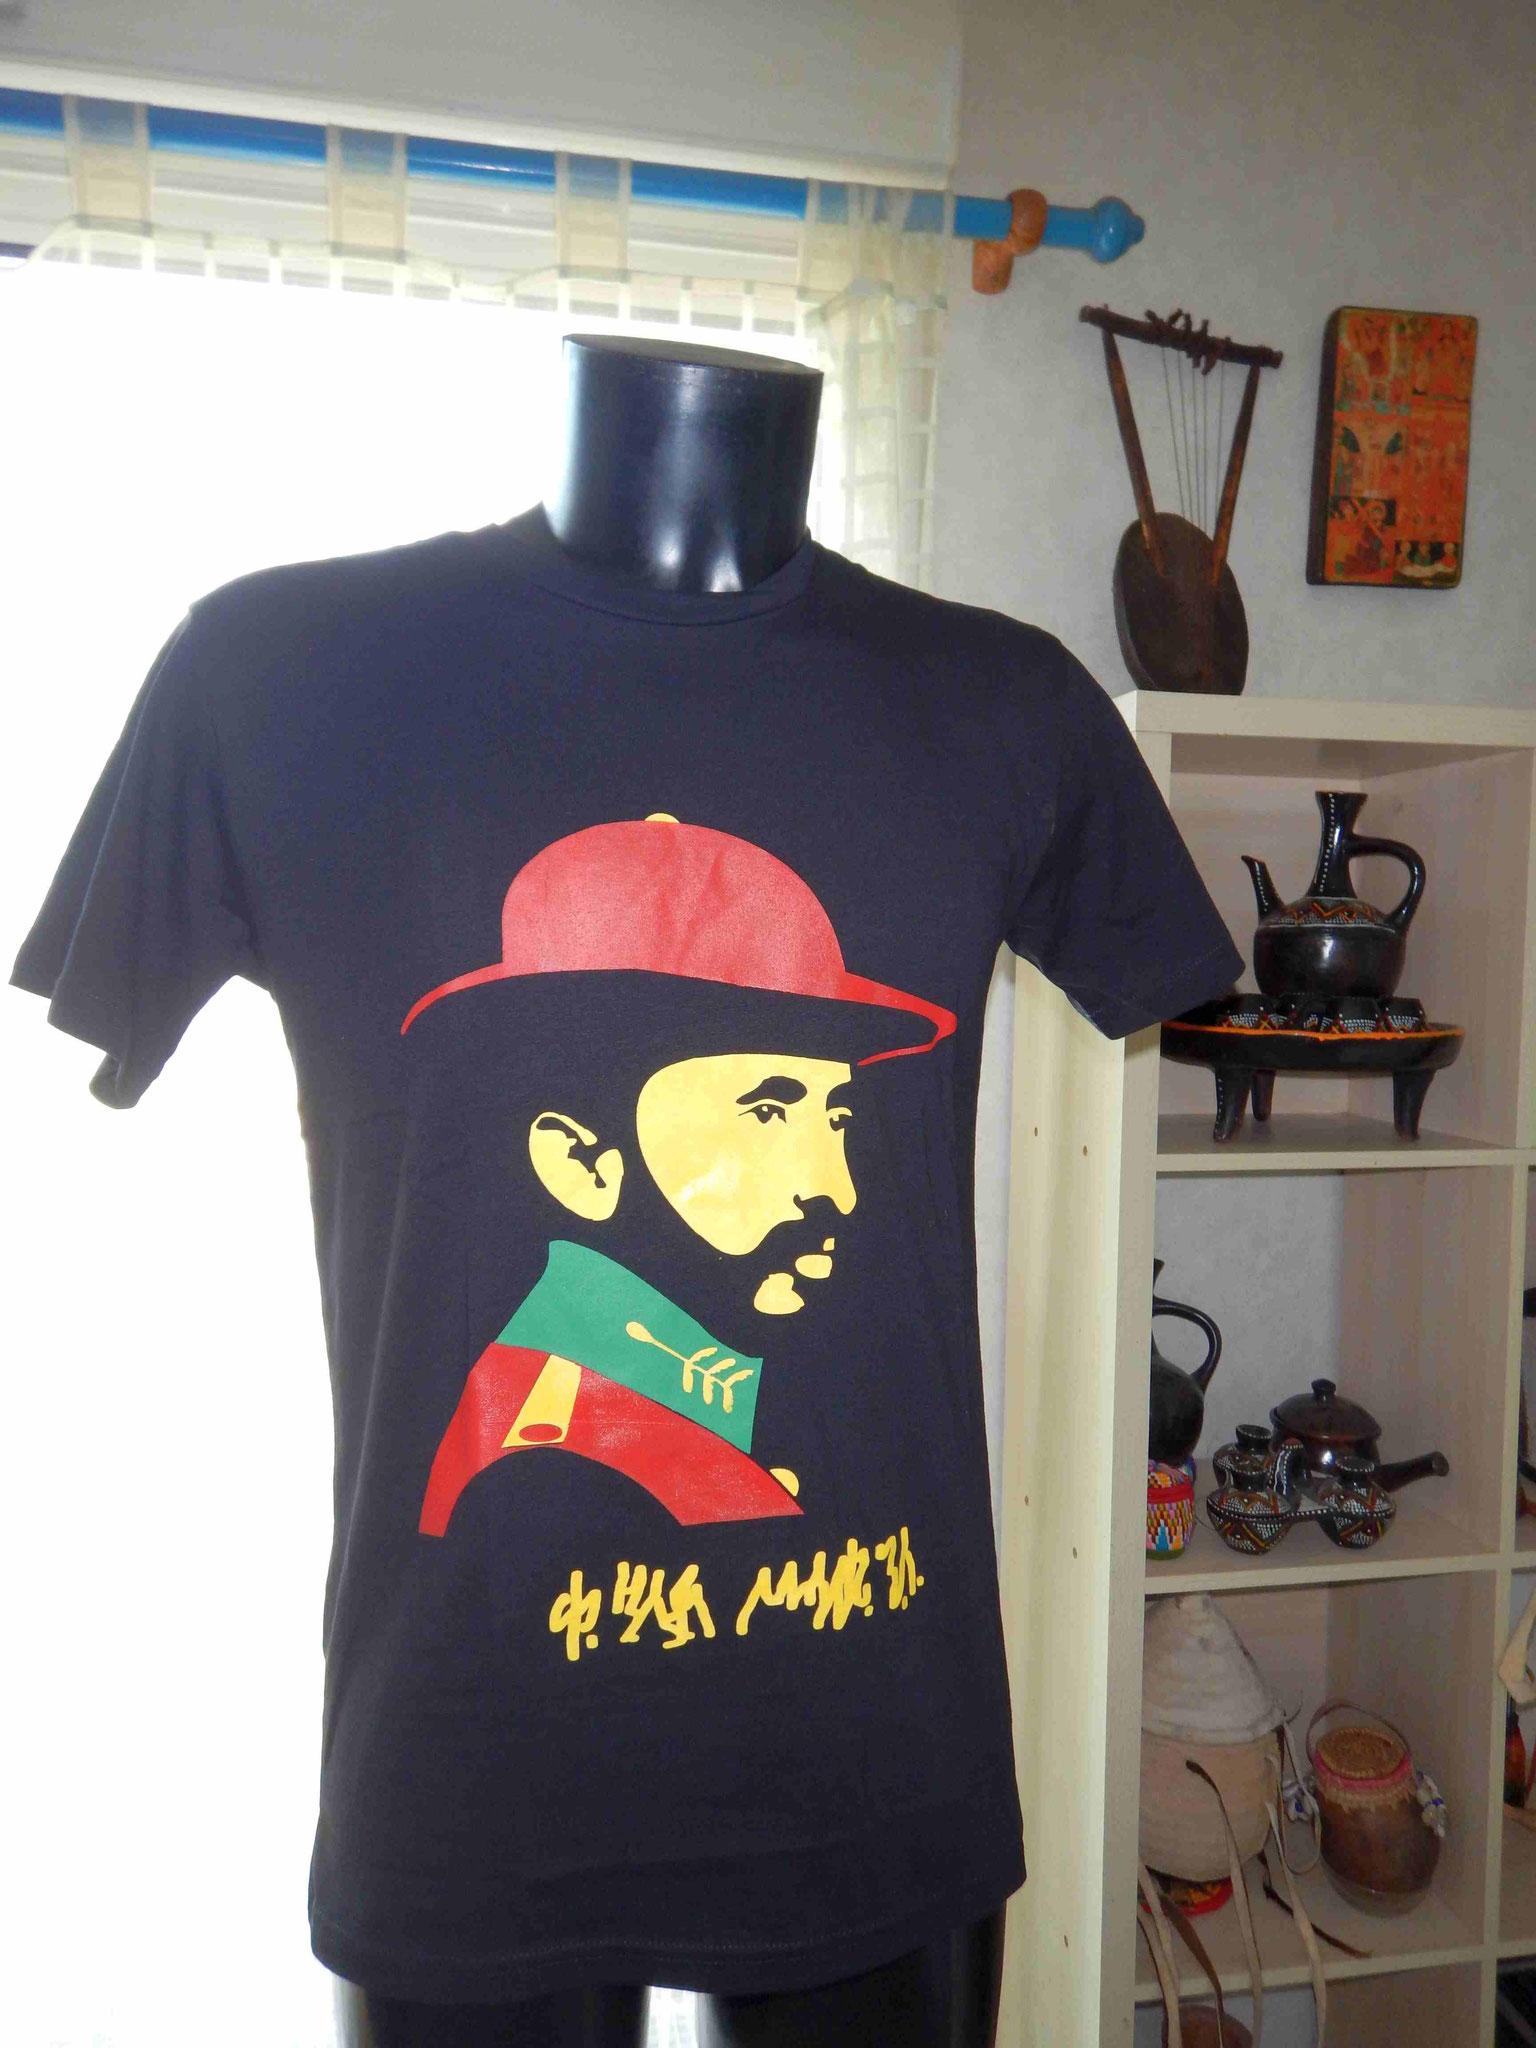 Tshirt Rasta Haile Selassie Ras Tafari coton ethiopie made in Ethiopia Ethiopie Epices éthiopiennes made by locals solidaire équitable artisanat textils voyage Ethiopie